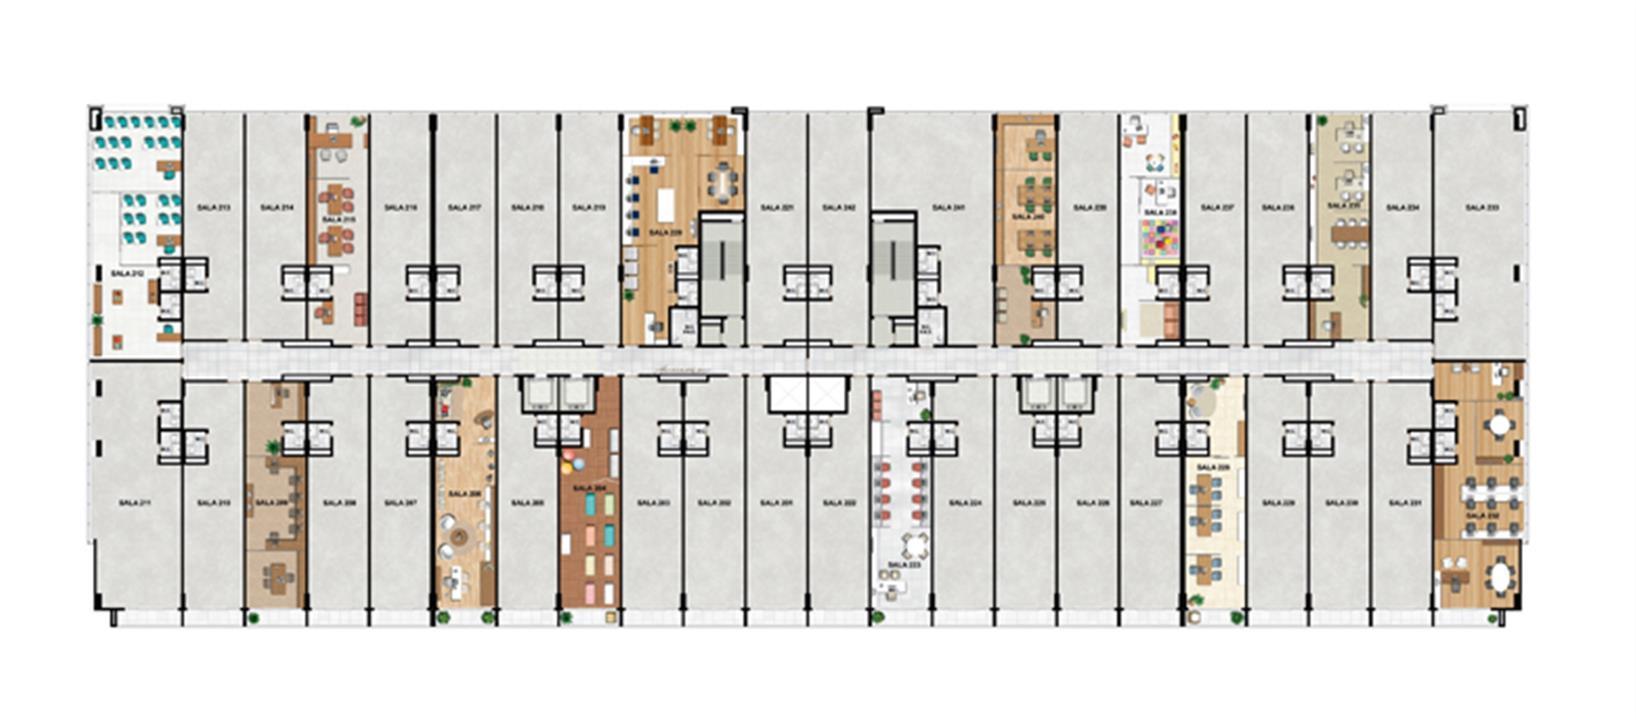 2° Pavimento | Vega – Salas Comerciaisna  Asa Norte  - Brasília - Distrito Federal